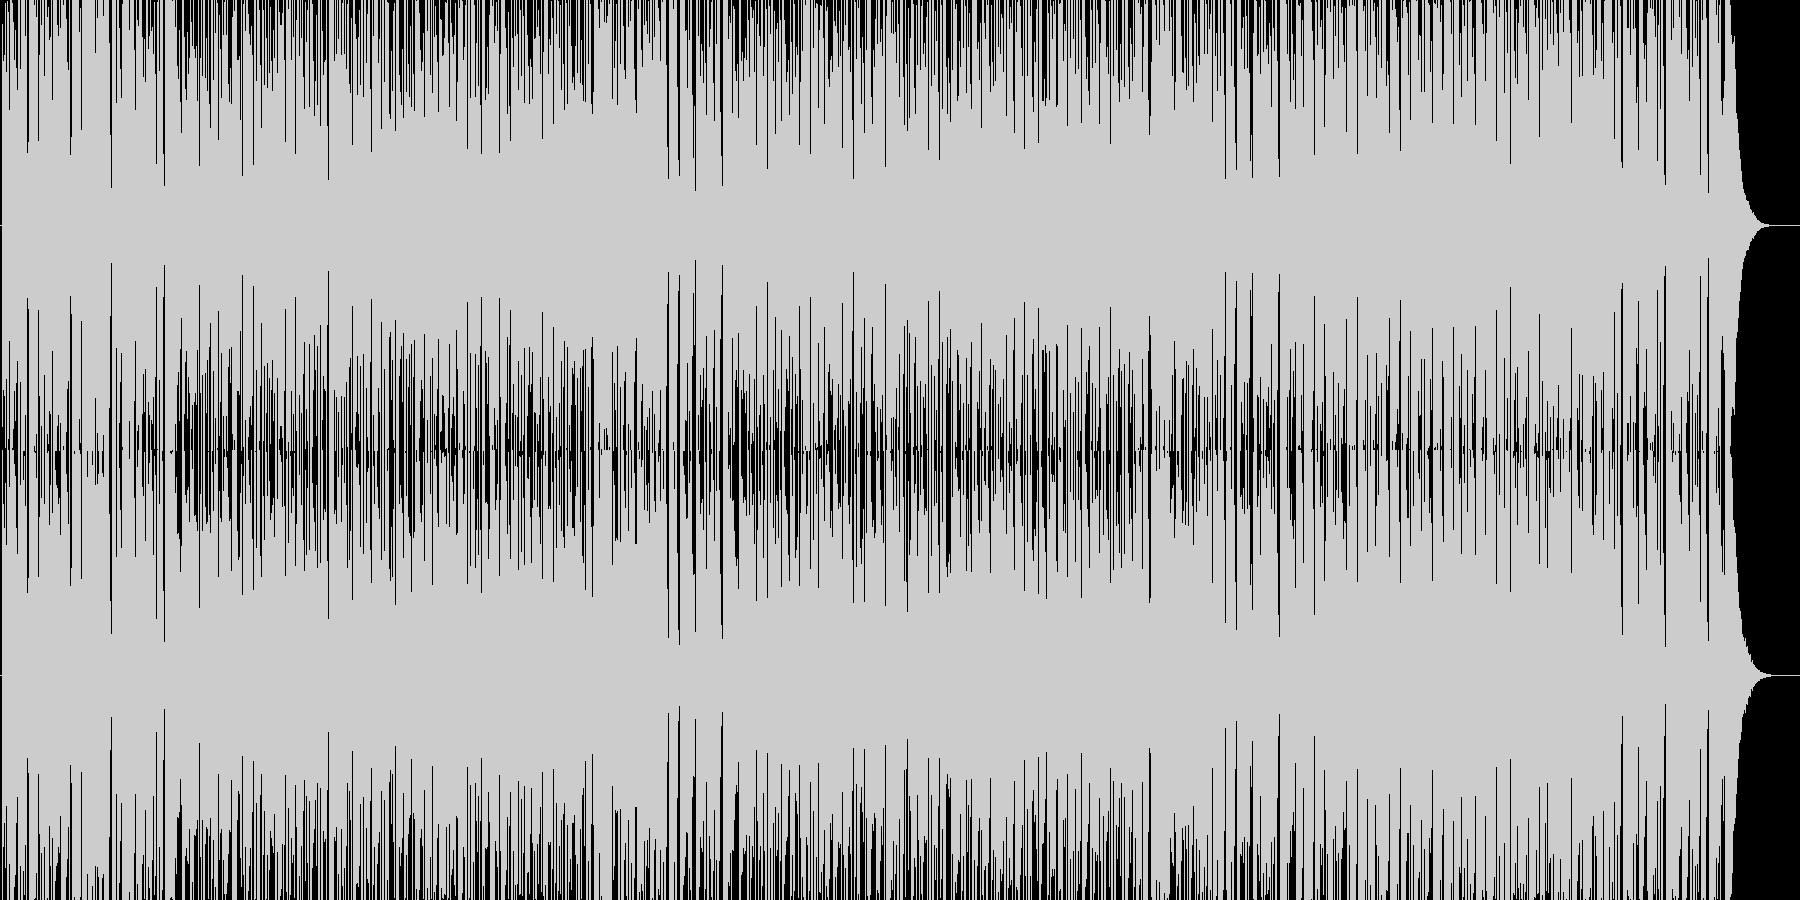 ボサノバ調で、爽やかな感じの曲です。天…の未再生の波形